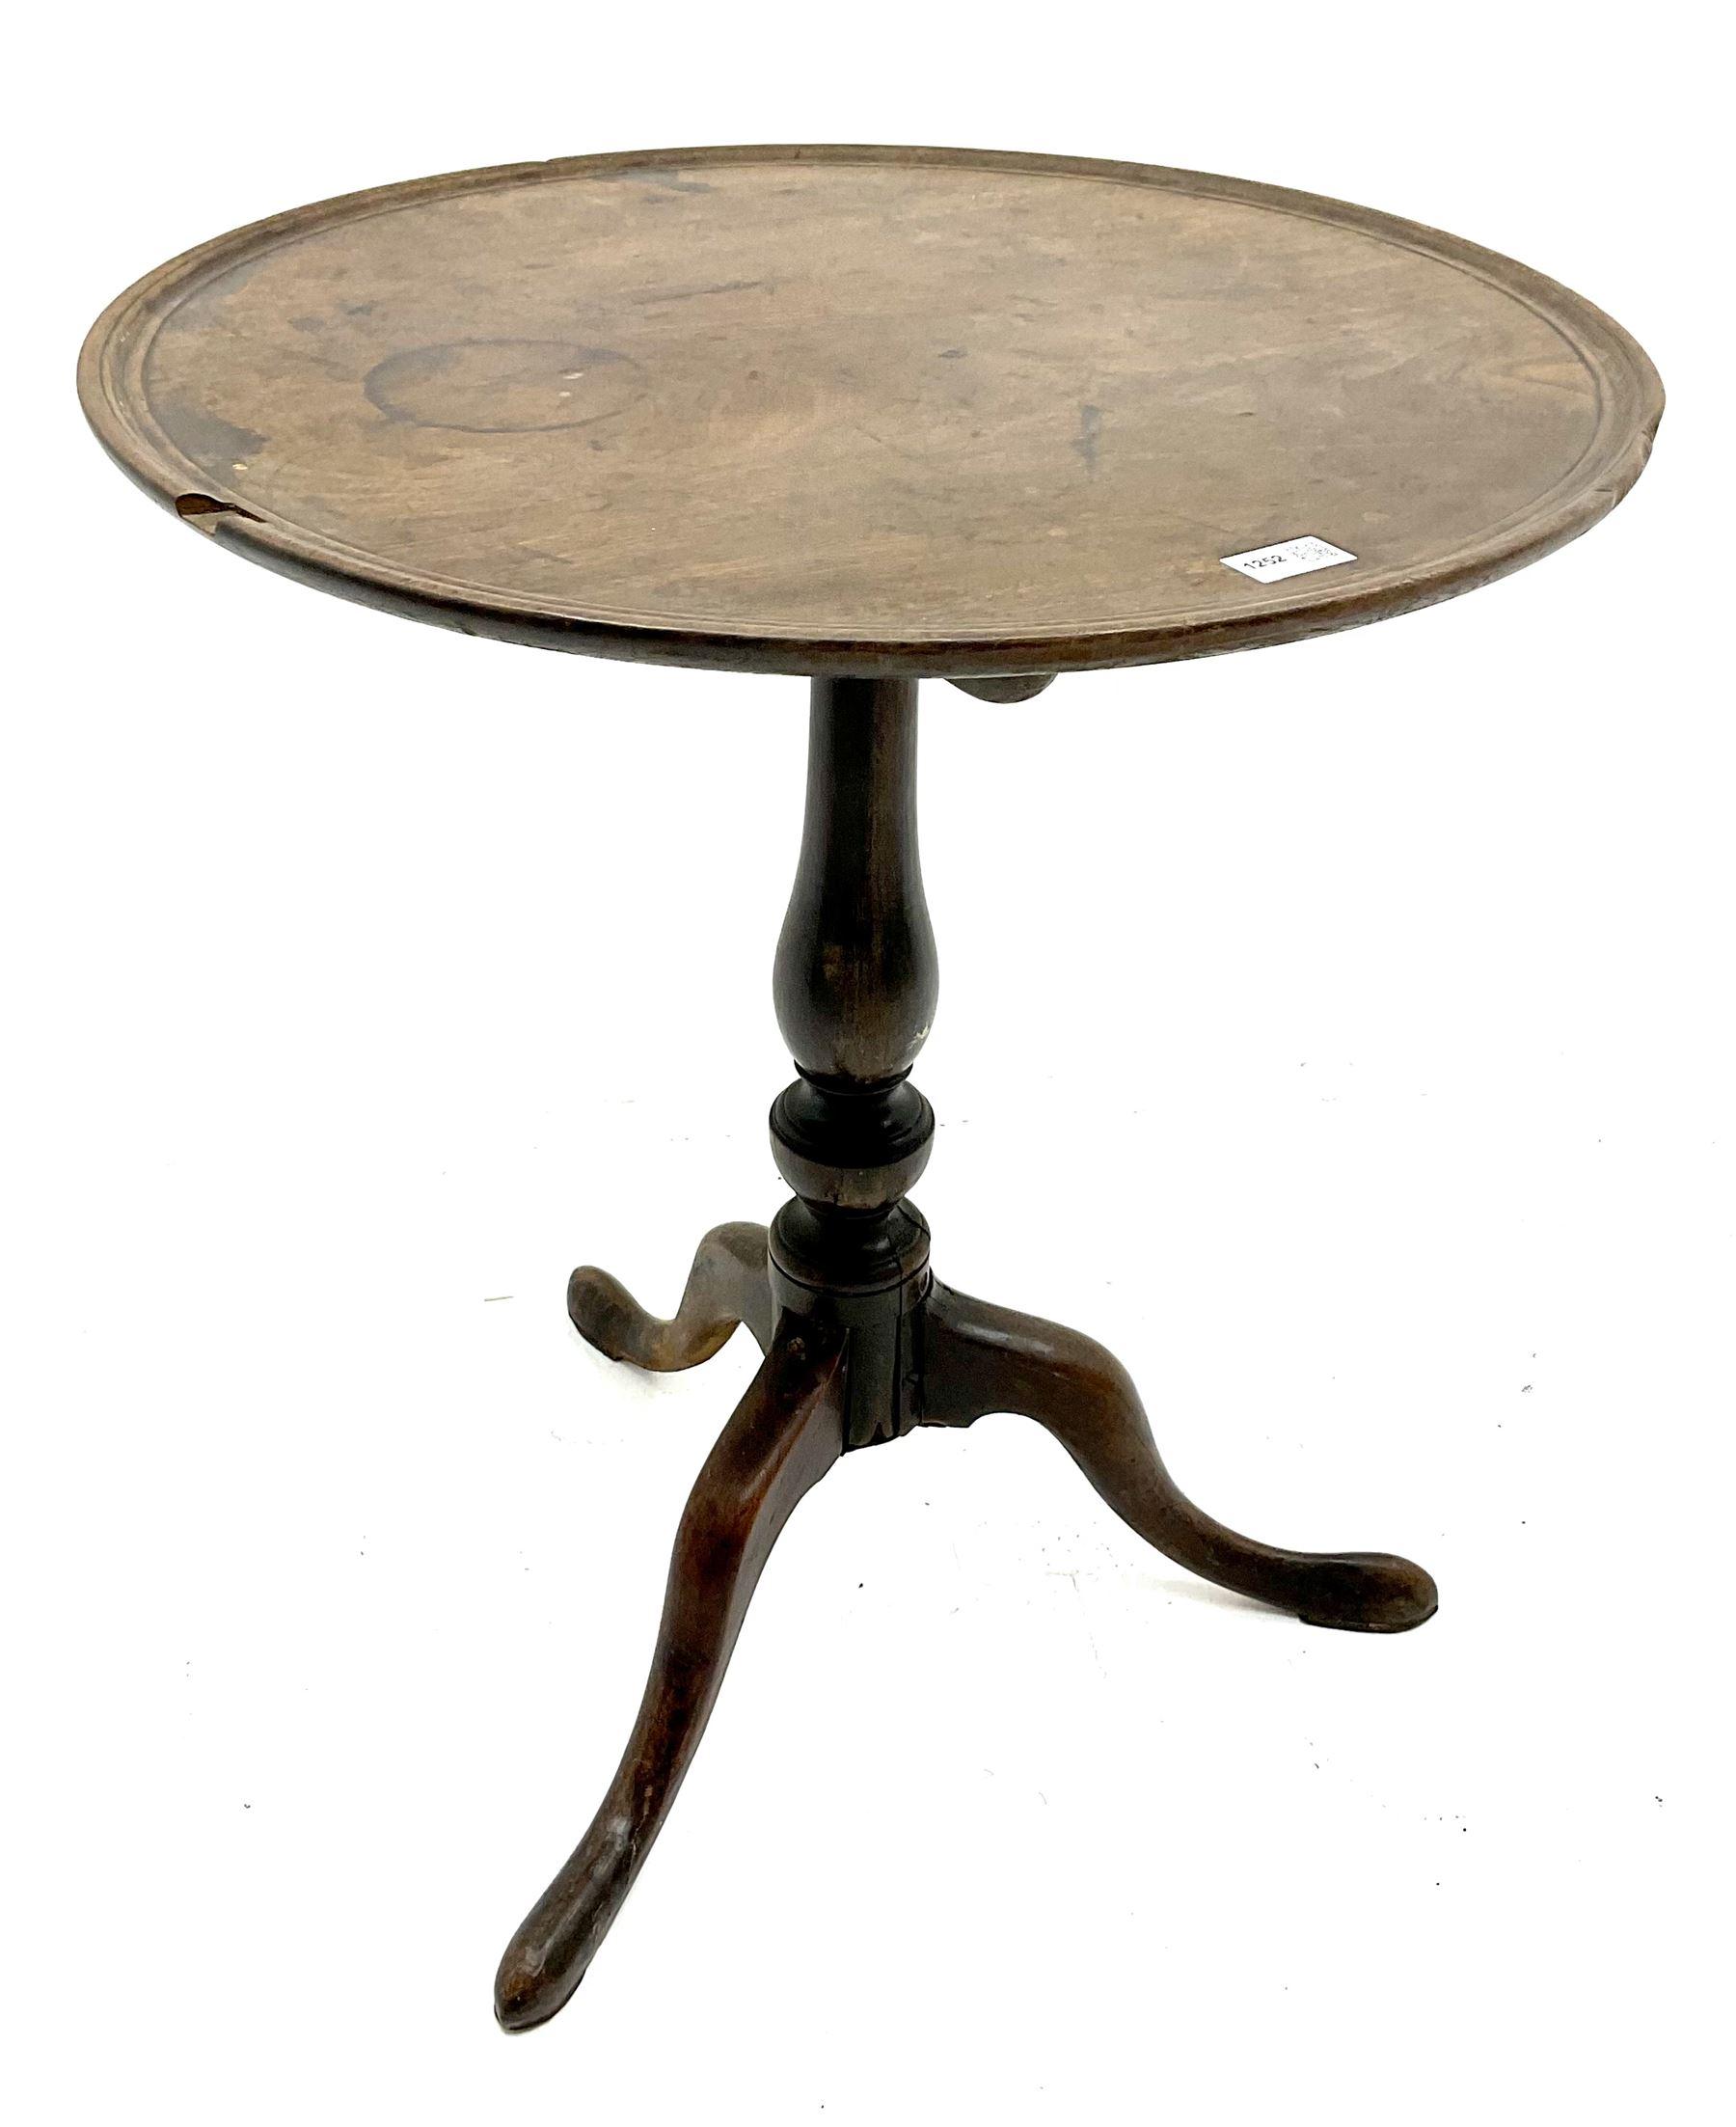 19th century Mahogany tripod wine table